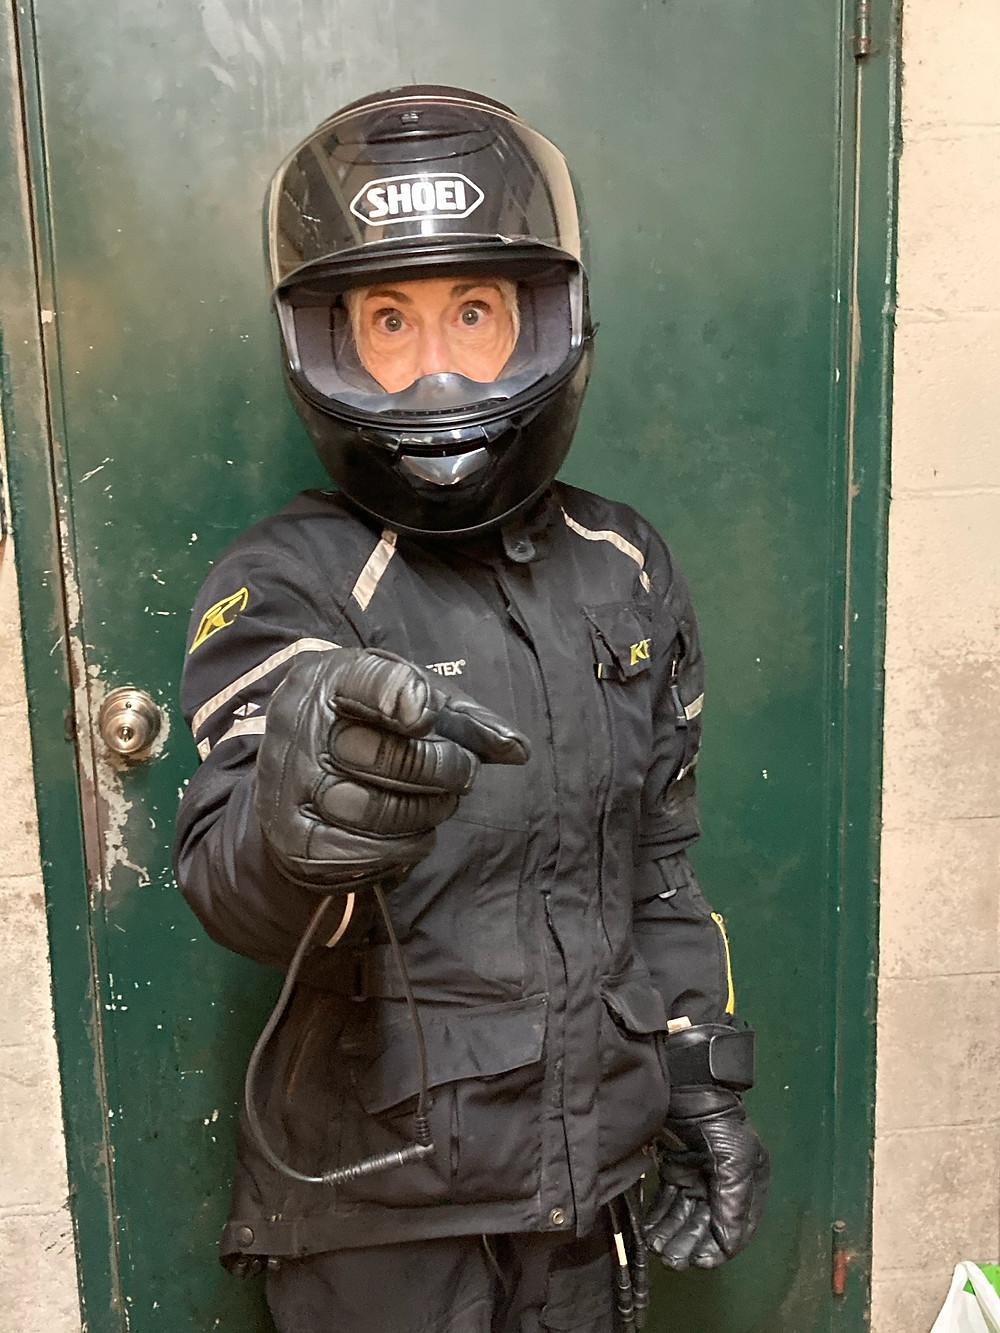 Motorcycle Gear - Rachel Dwyer